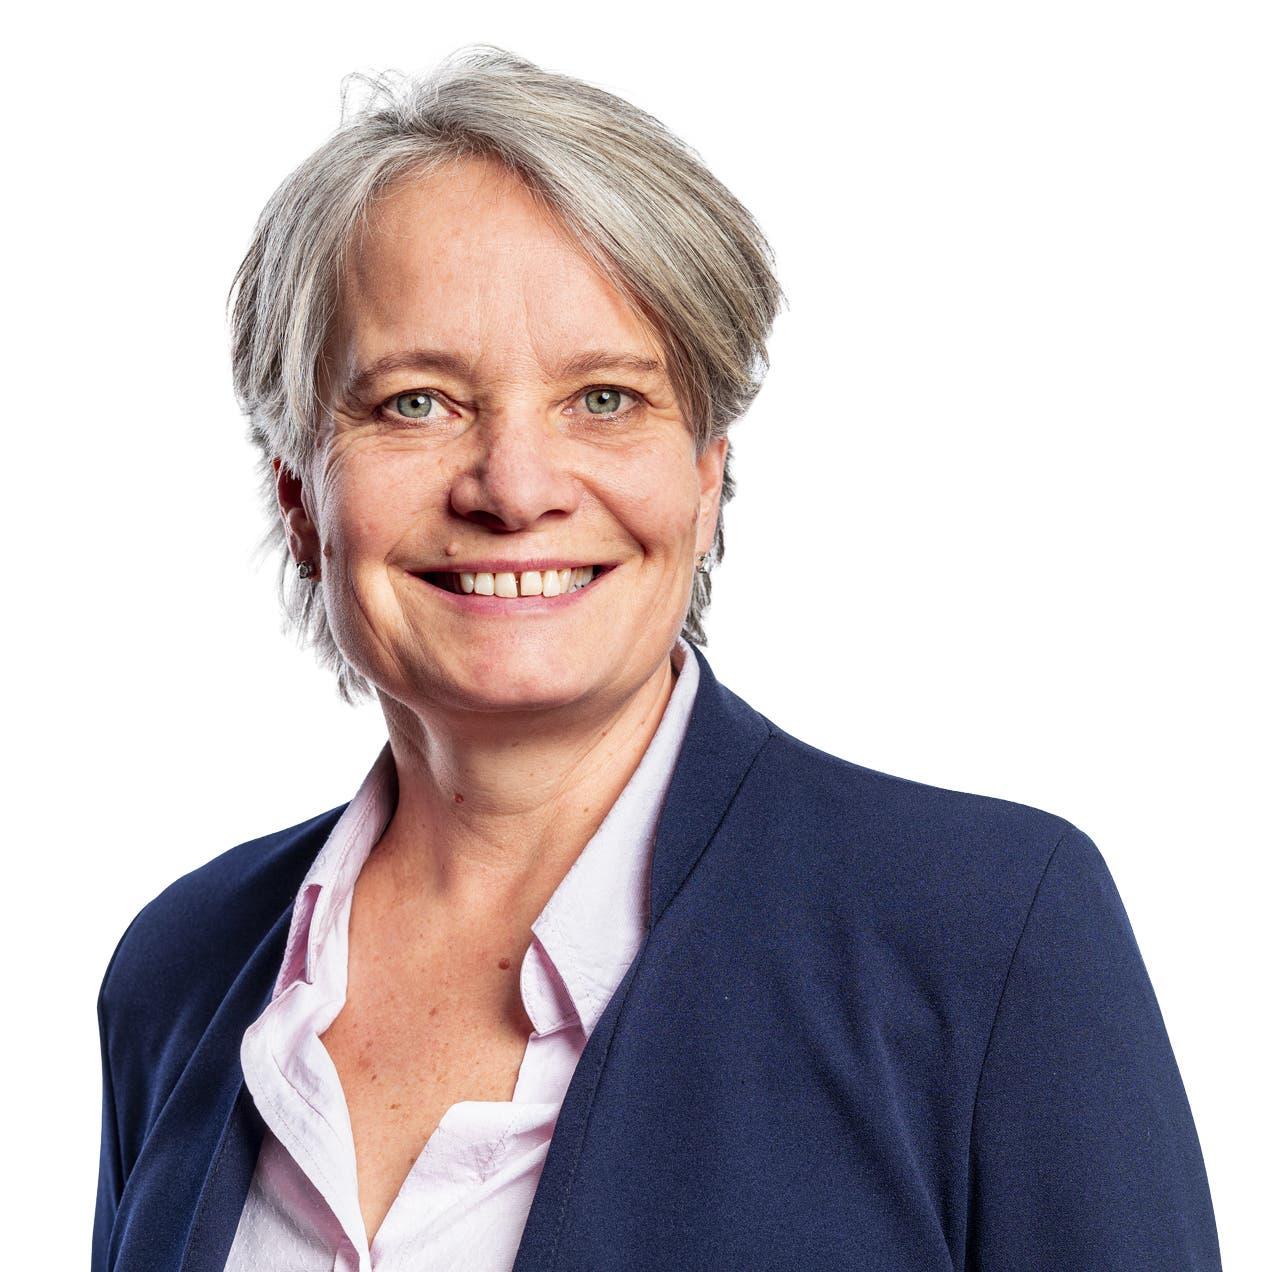 Gewählt mit 1'205 Stimmen: Karin Flück Felder, FDP